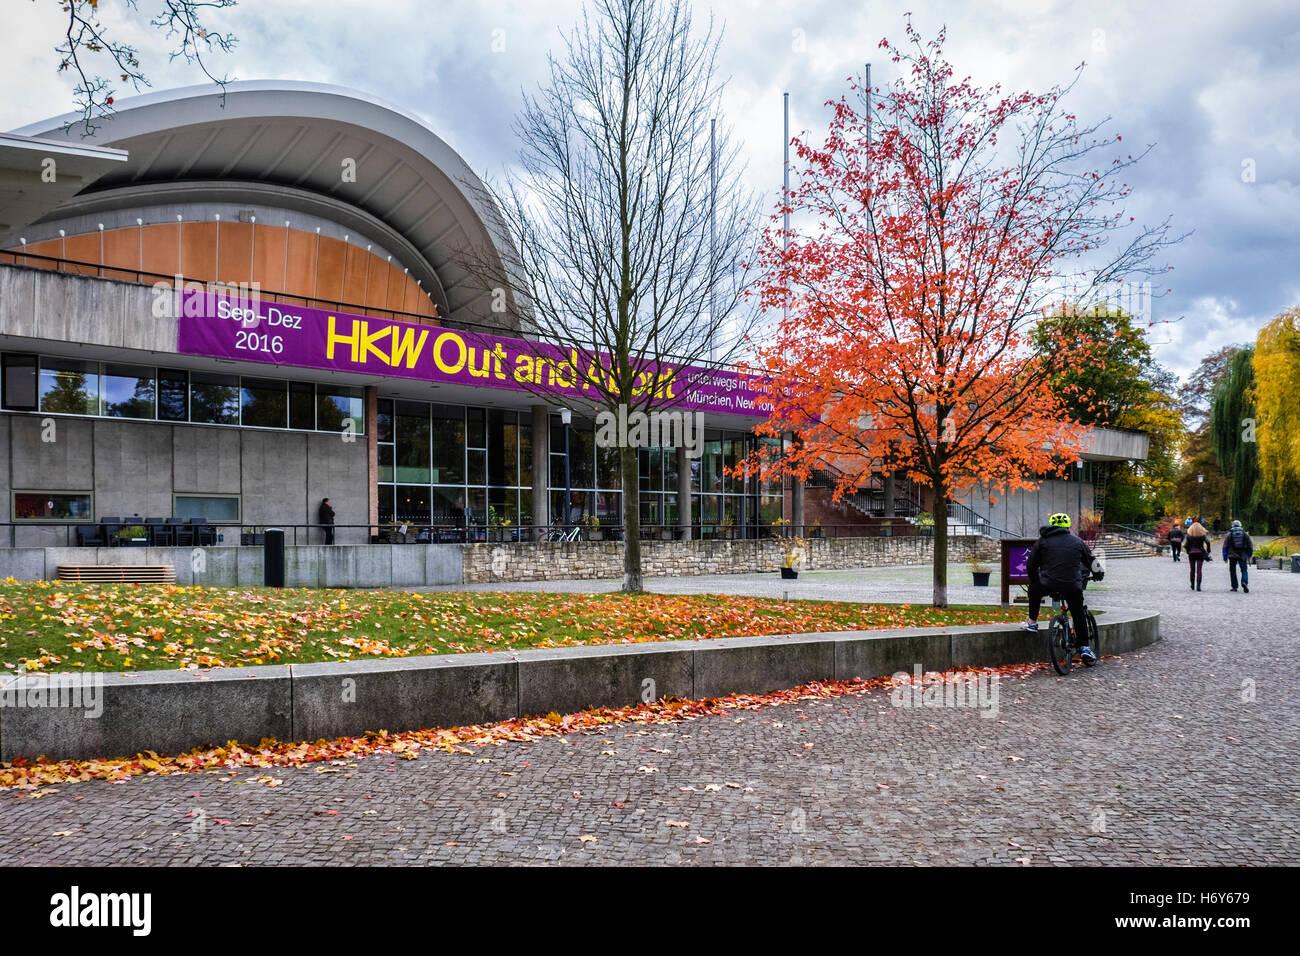 HKW, Haus der Kulturen der Welt, Haus der Kulturen der Welt-Kongress-Saal und Kulturraum im Herbst, Berlin Stockbild